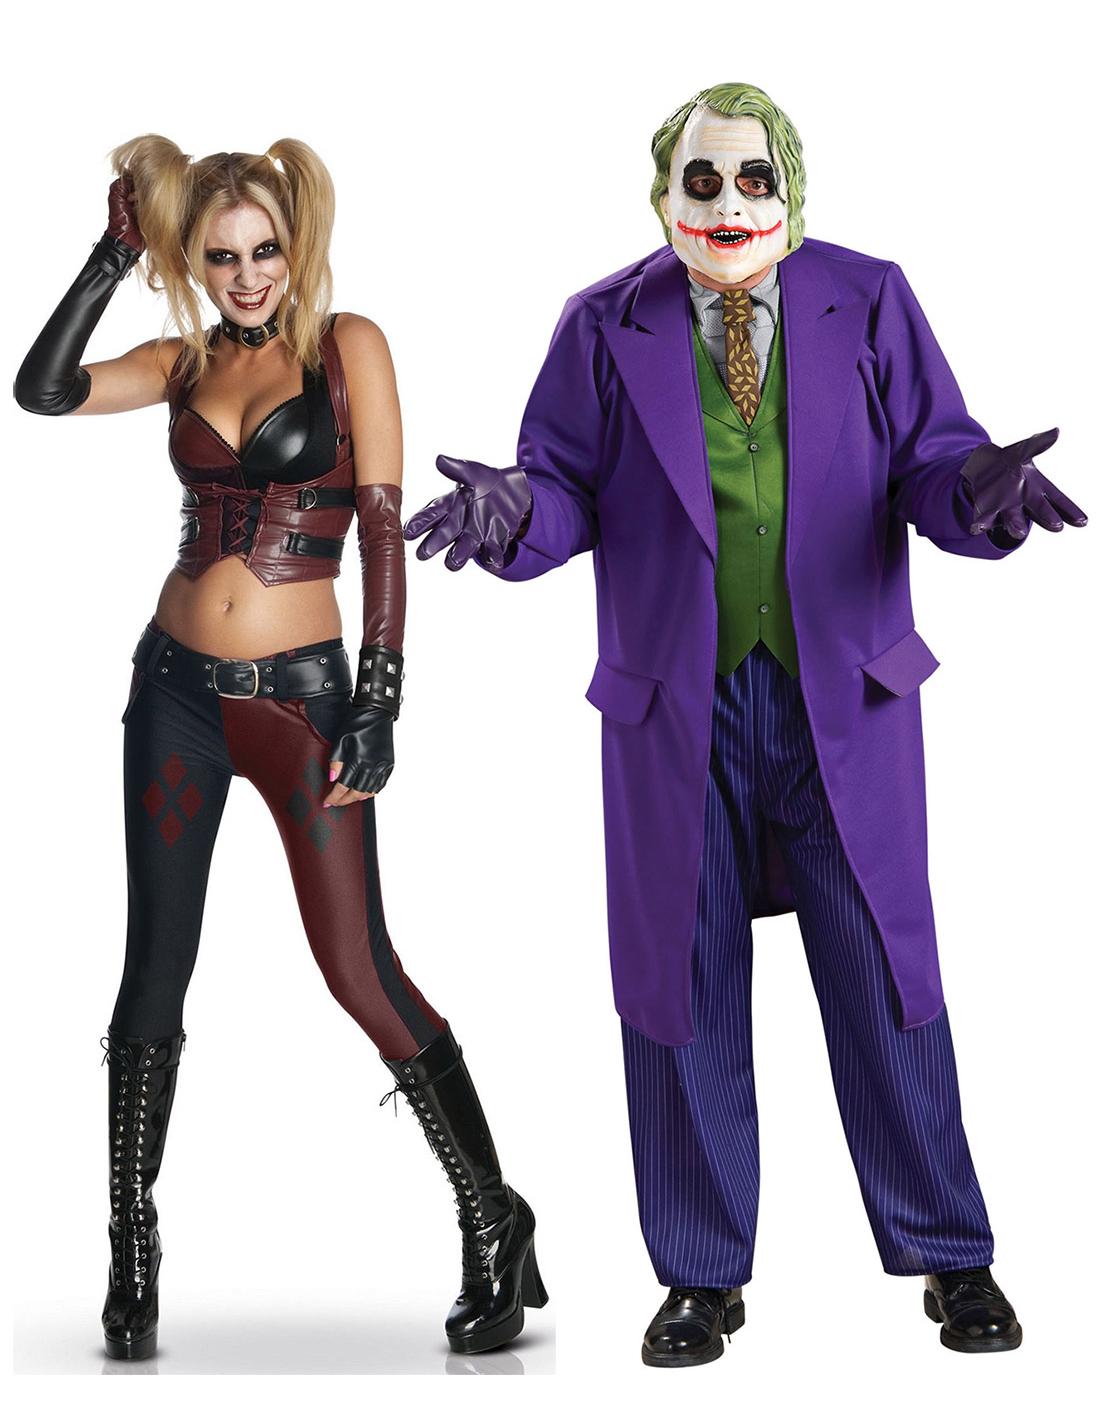 Disfraz de pareja Harley Quinn y Joker: Disfraces parejas,y disfraces originales baratos - Vegaoo